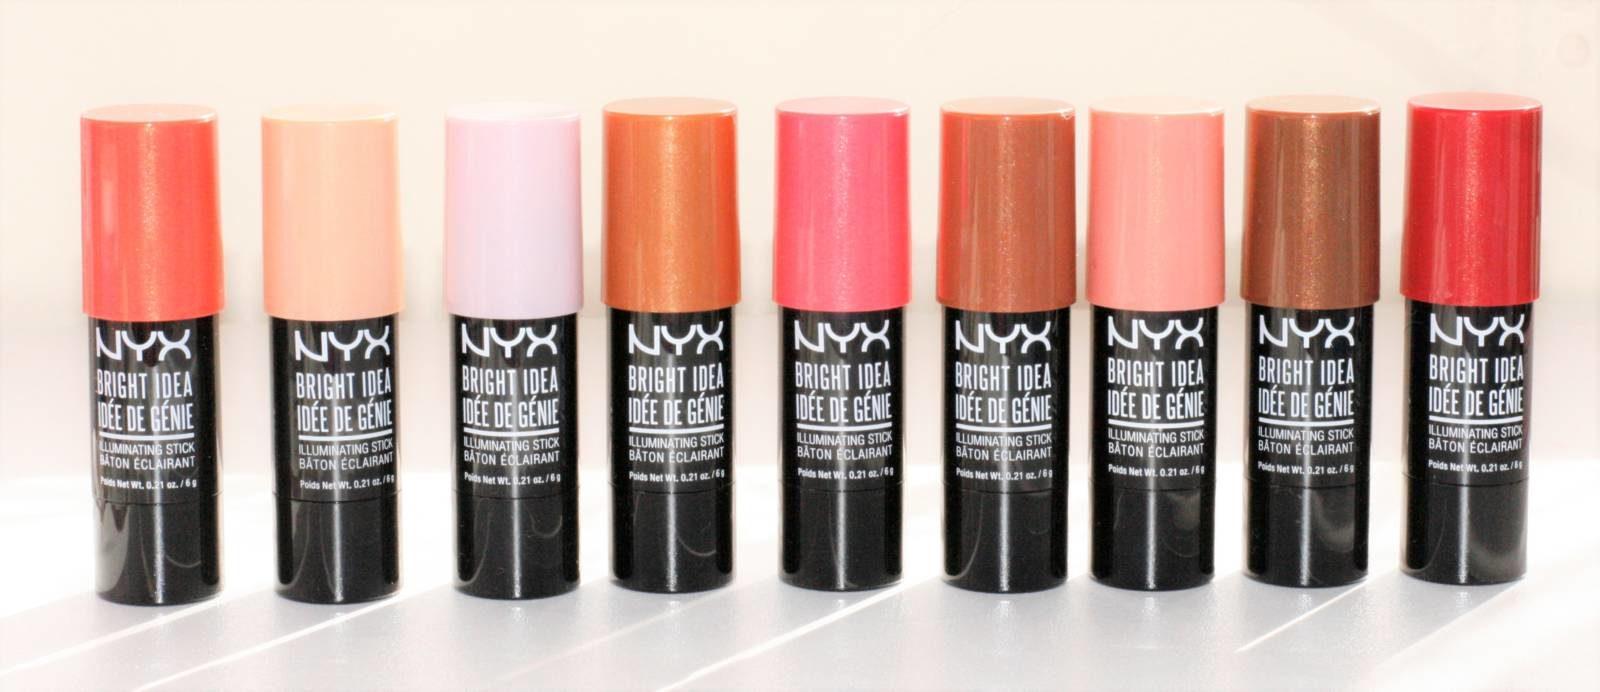 NYX Bright Idea Illuminating Sticks